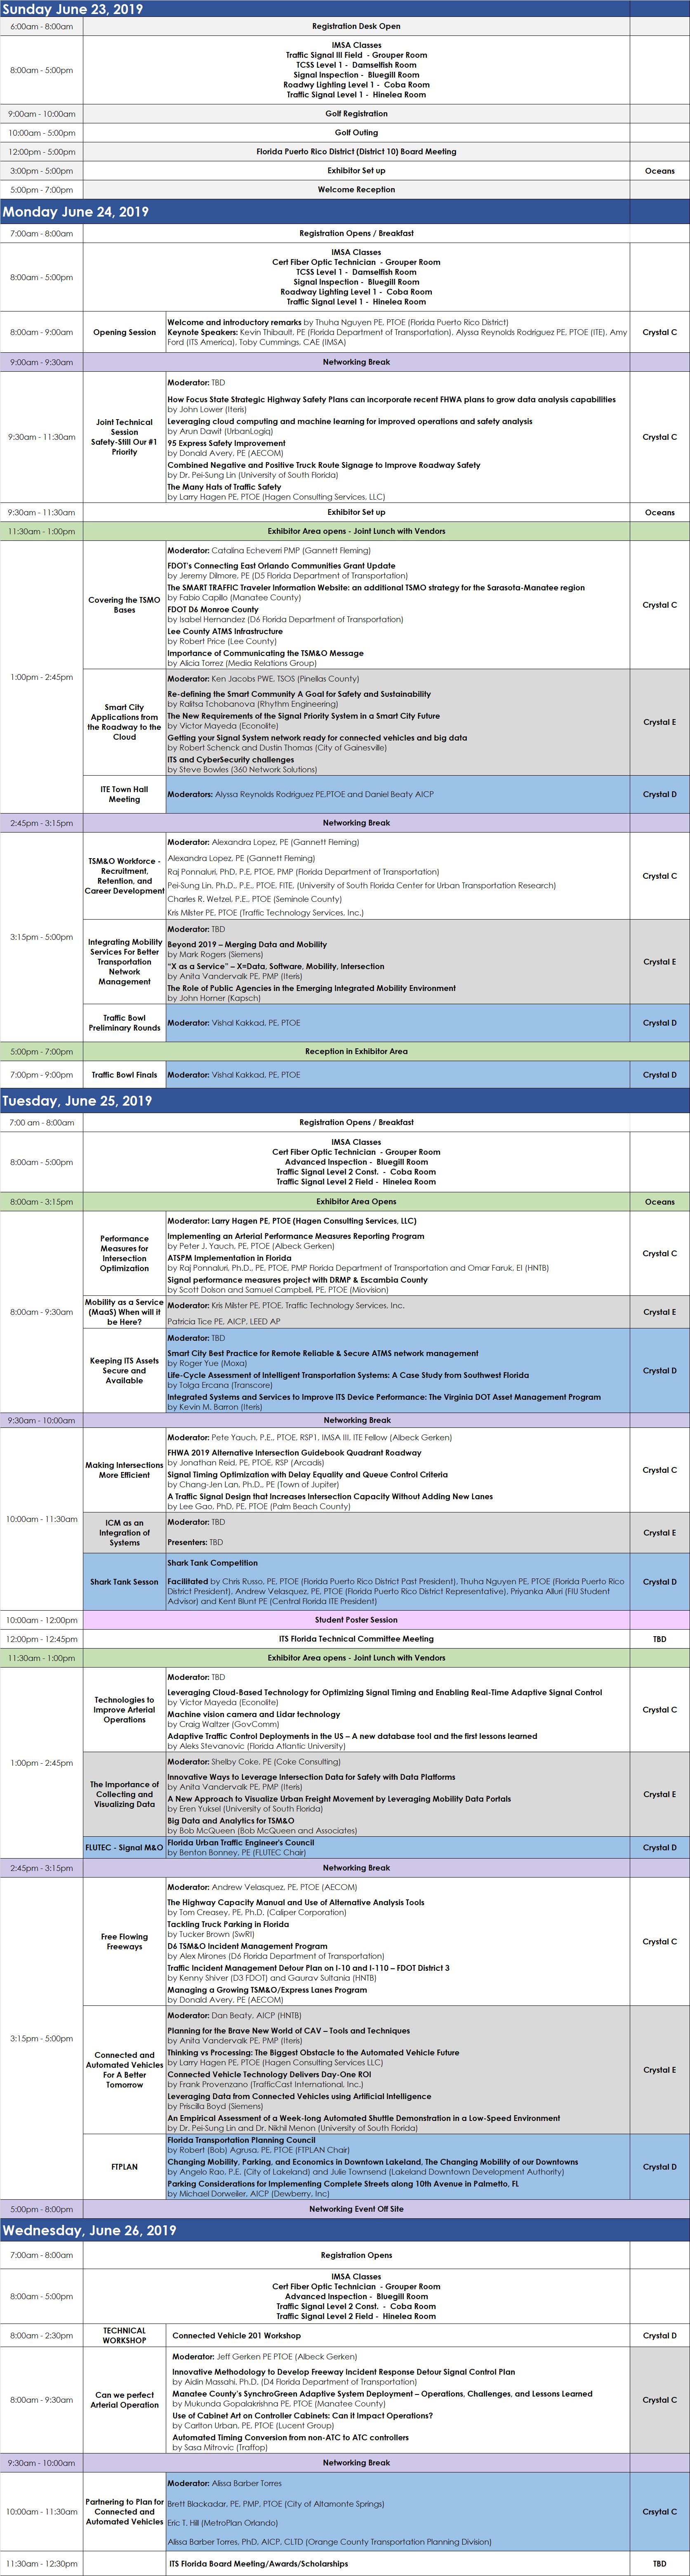 I3 Conference Agenda V1_001 RevC.png